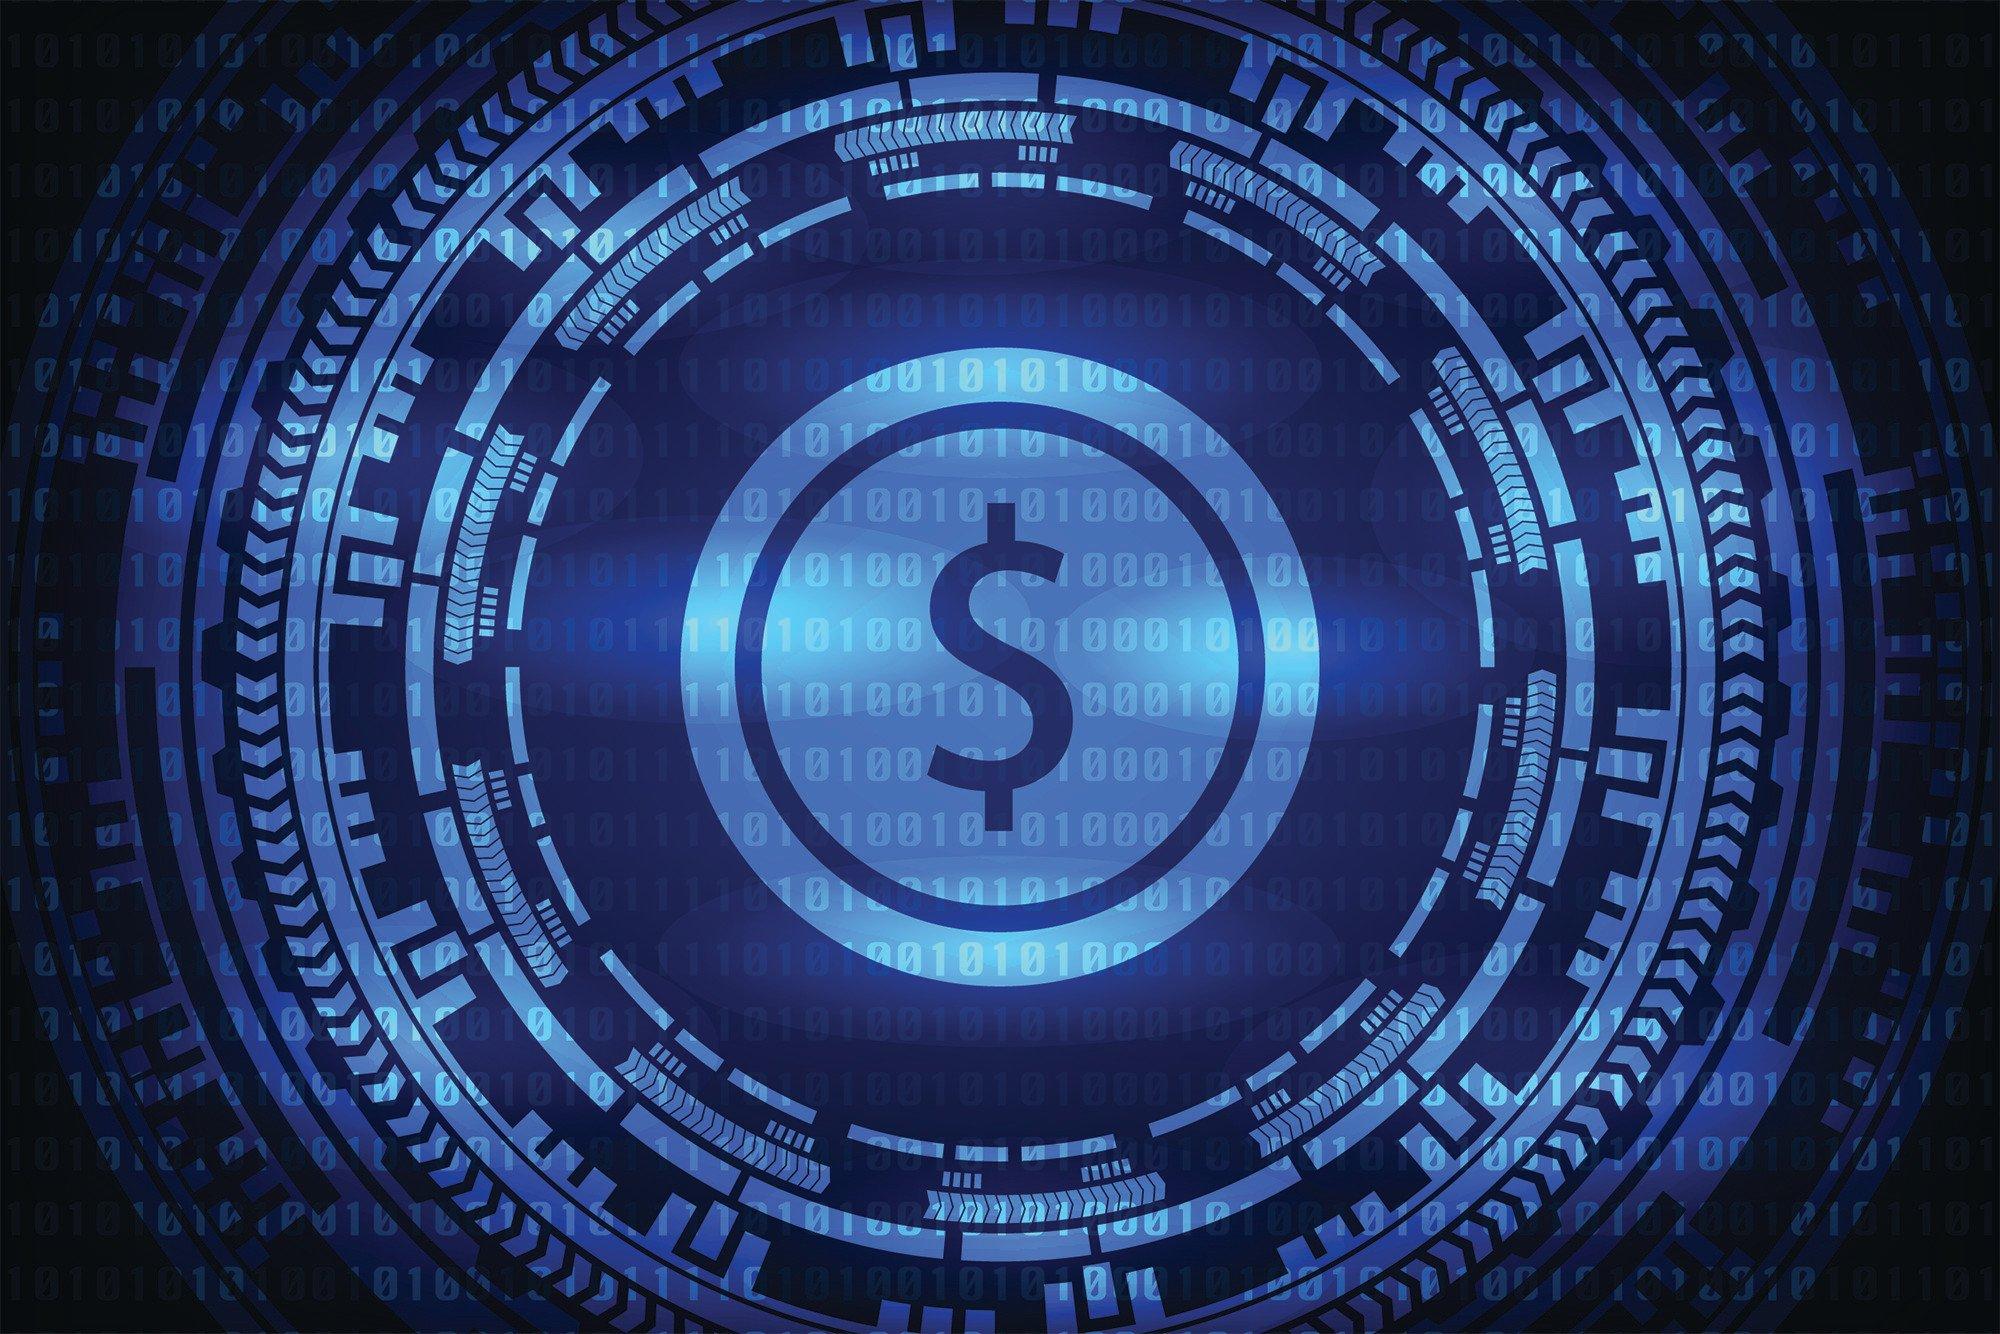 Fantasy Market adlı pornostartapın rəhbəri ICO vasitəsilə yığılmış 4.4 milyon dollar ilə ortadan yoxa çıxdı